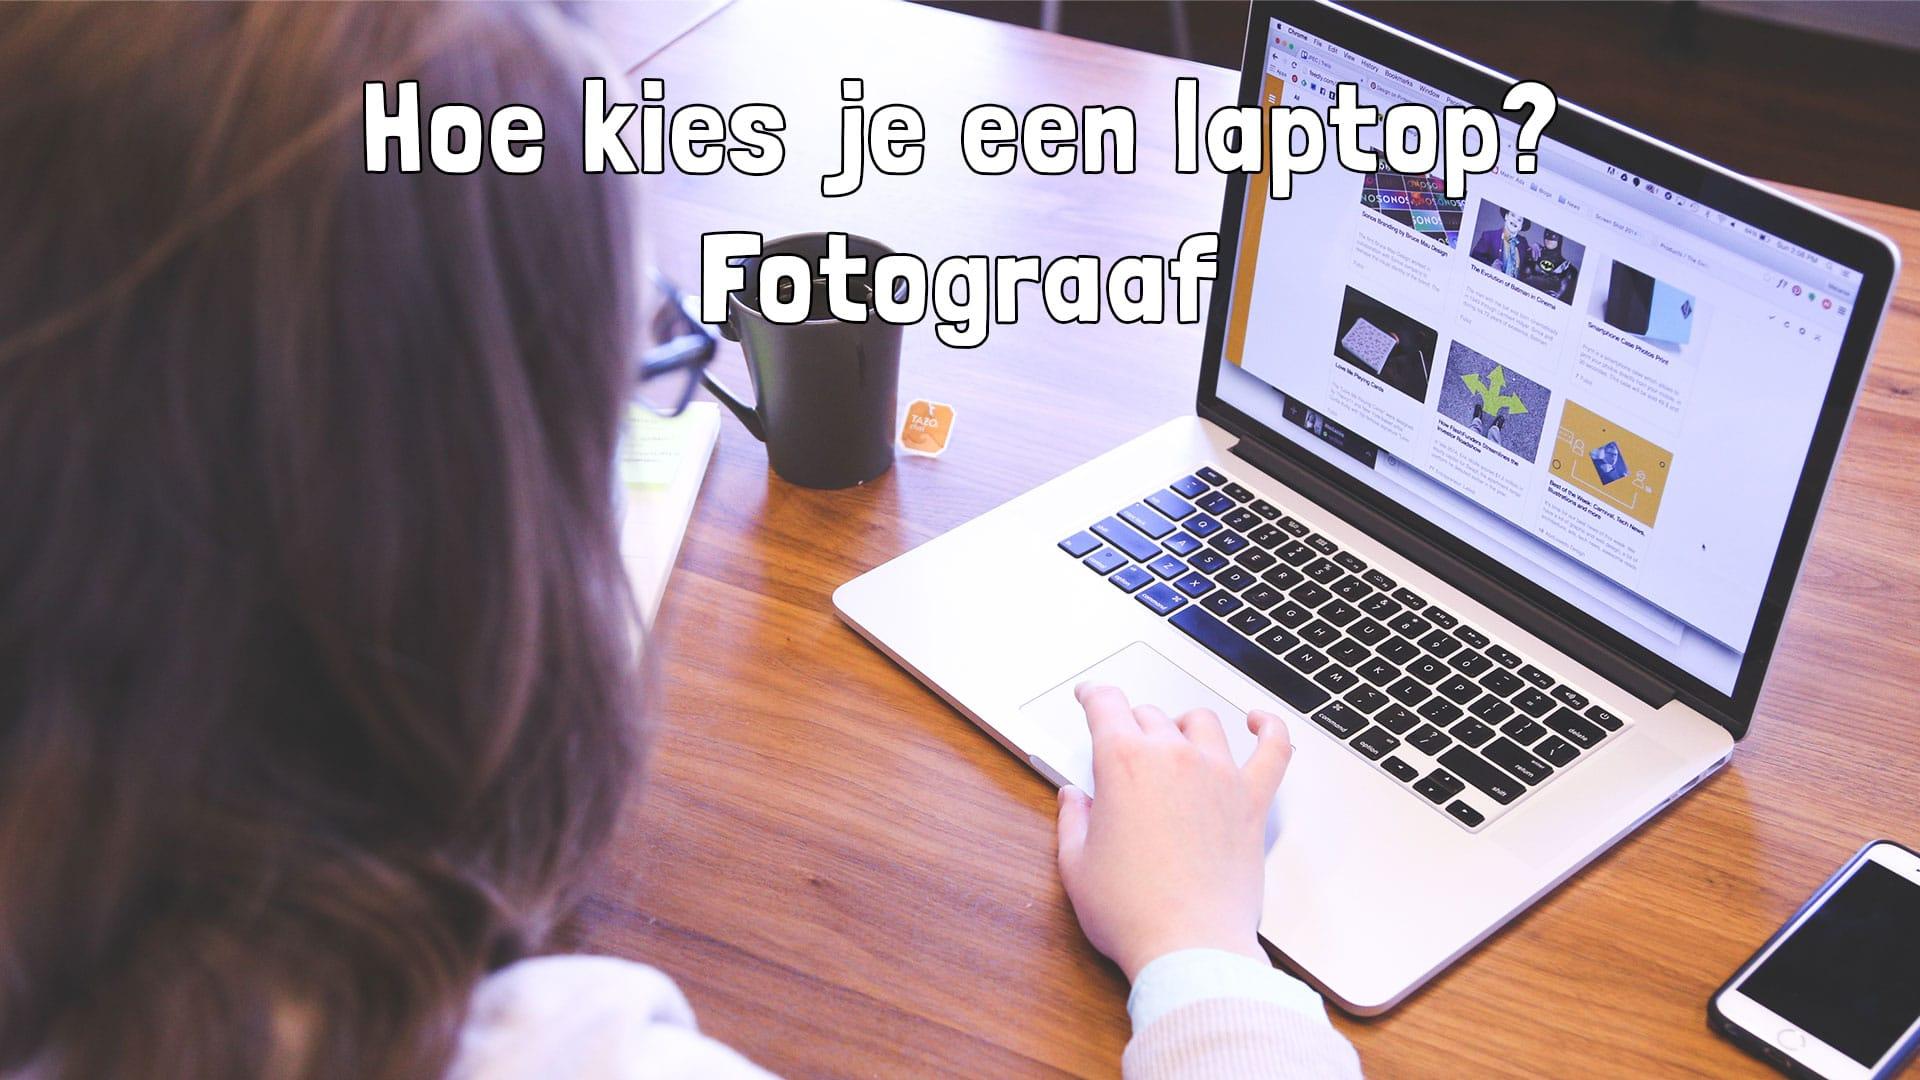 Hoe kies je een laptop - Fotograaf laptop voor fotobewerking